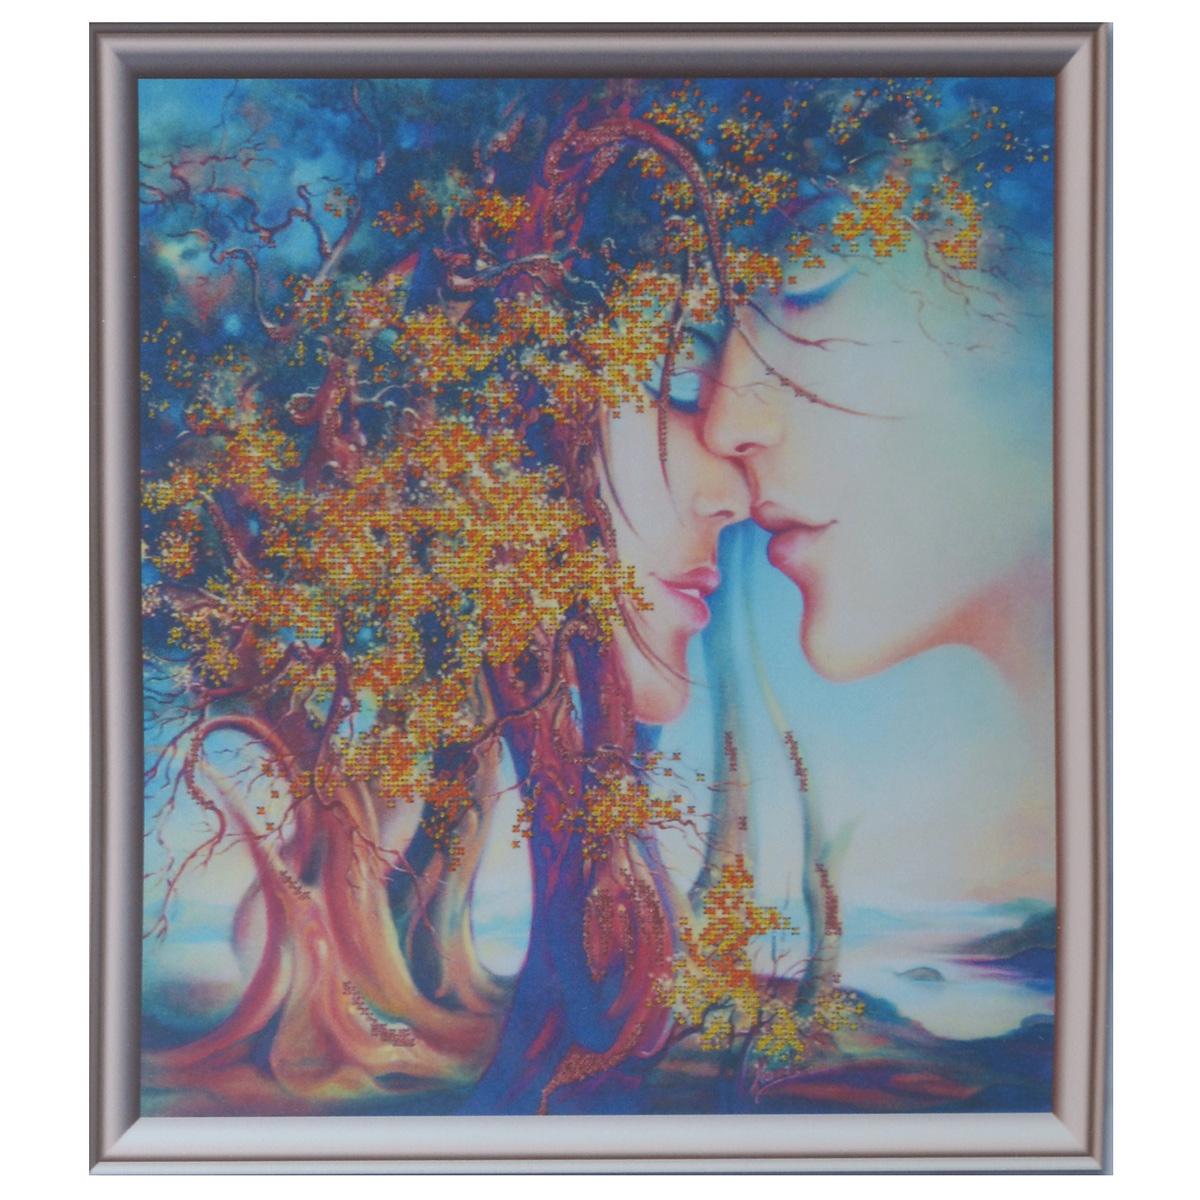 Набор для вышивания бисером Astrea Вечно влюбленные, 40 х 40 см488168Набор для вышивания бисером Astrea Вечно влюбленные поможет вам создать свой собственный шедевр - красивую картину, частично вышитую бисером по цветному фону. Вышивание отвлечет вас от повседневных забот и превратится в увлекательное занятие! Работа, сделанная своими руками, создаст особый уют и атмосферу в доме и долгие годы будет радовать вас и ваших близких, а подарок, выполненный собственноручно, станет самым ценным для друзей и знакомых. В набор входят: - ткань с нанесенным цветным рисунком, - бисер Preciosa Ornela (Чехия) - 3 цвета, - игла для бисера, - инструкция на русском языке.